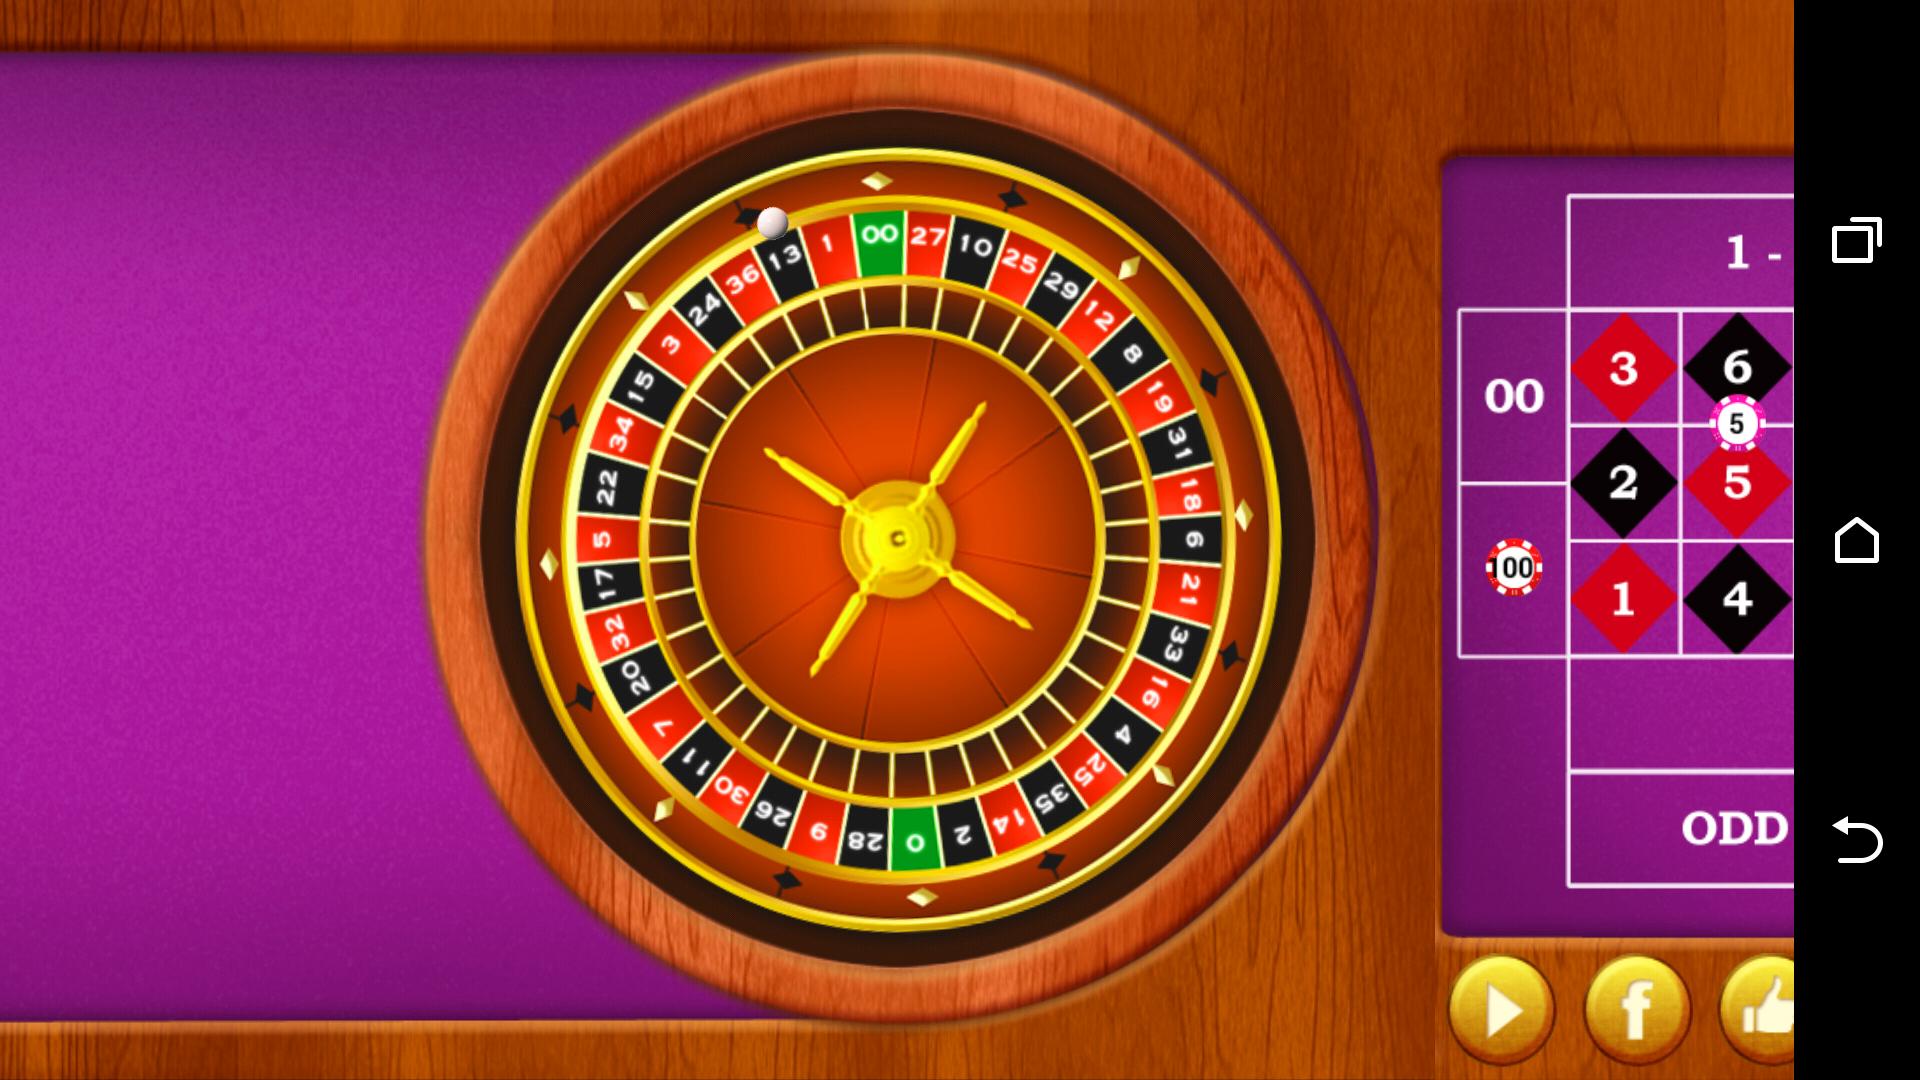 saw gewinnspiel roulette